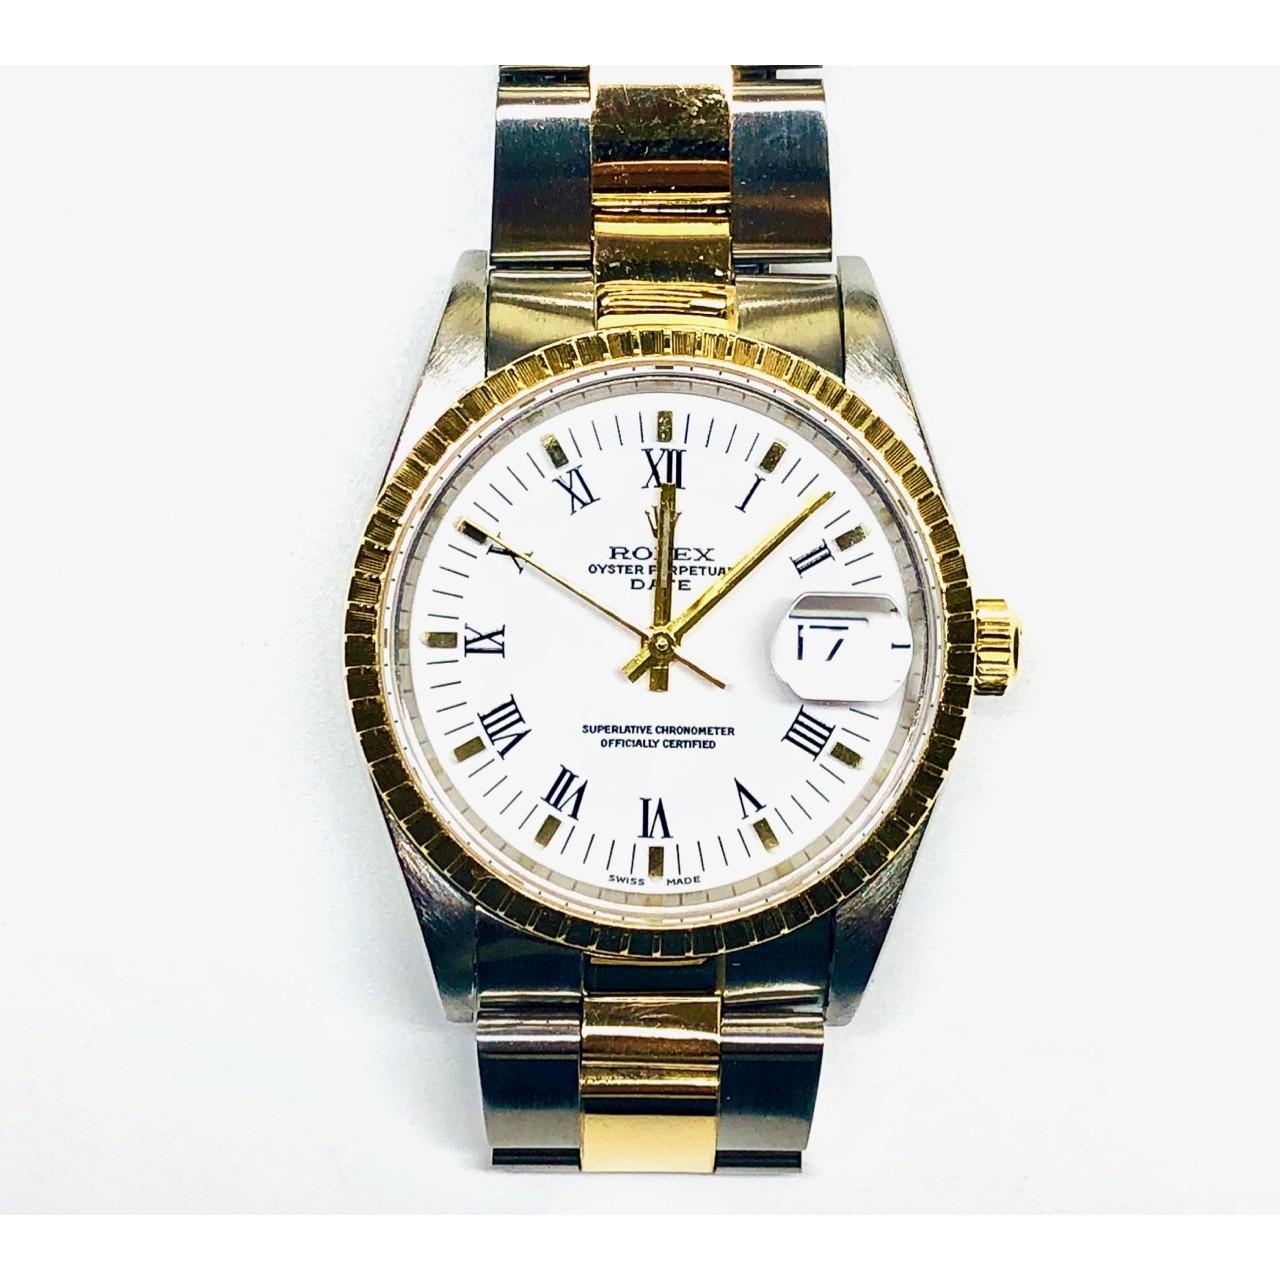 miglior servizio d32d9 0117c Orologio Rolex Oyster Perpetual Date acciaio oro